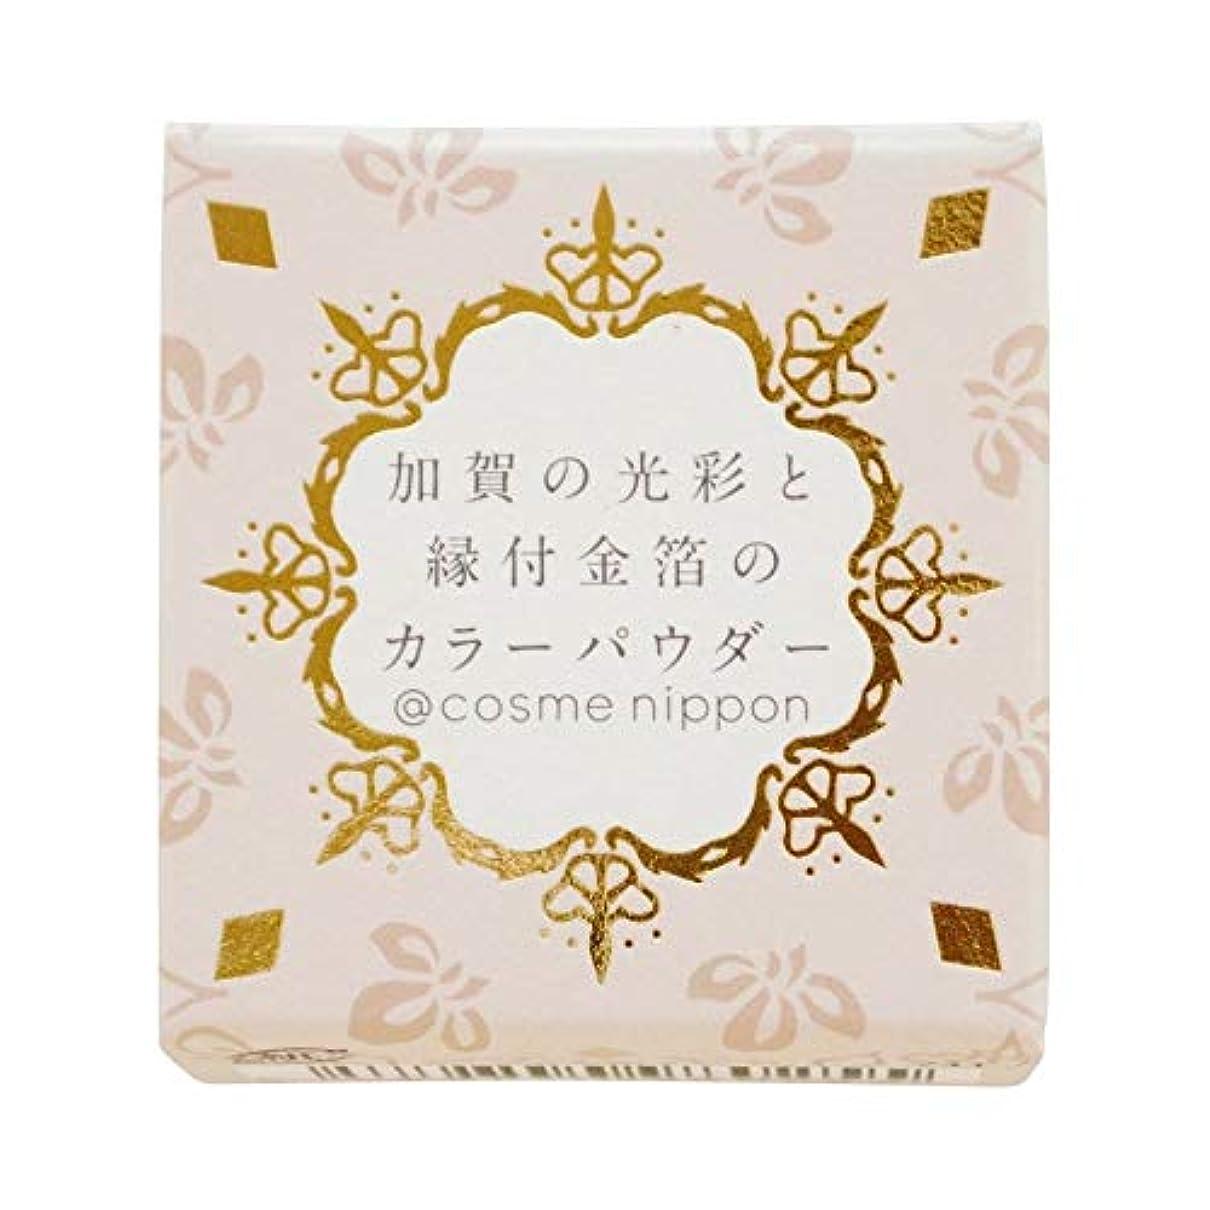 完了研究すみません友禅工芸 すずらん加賀の光彩と縁付け金箔のカラーパウダー01金色こんじき